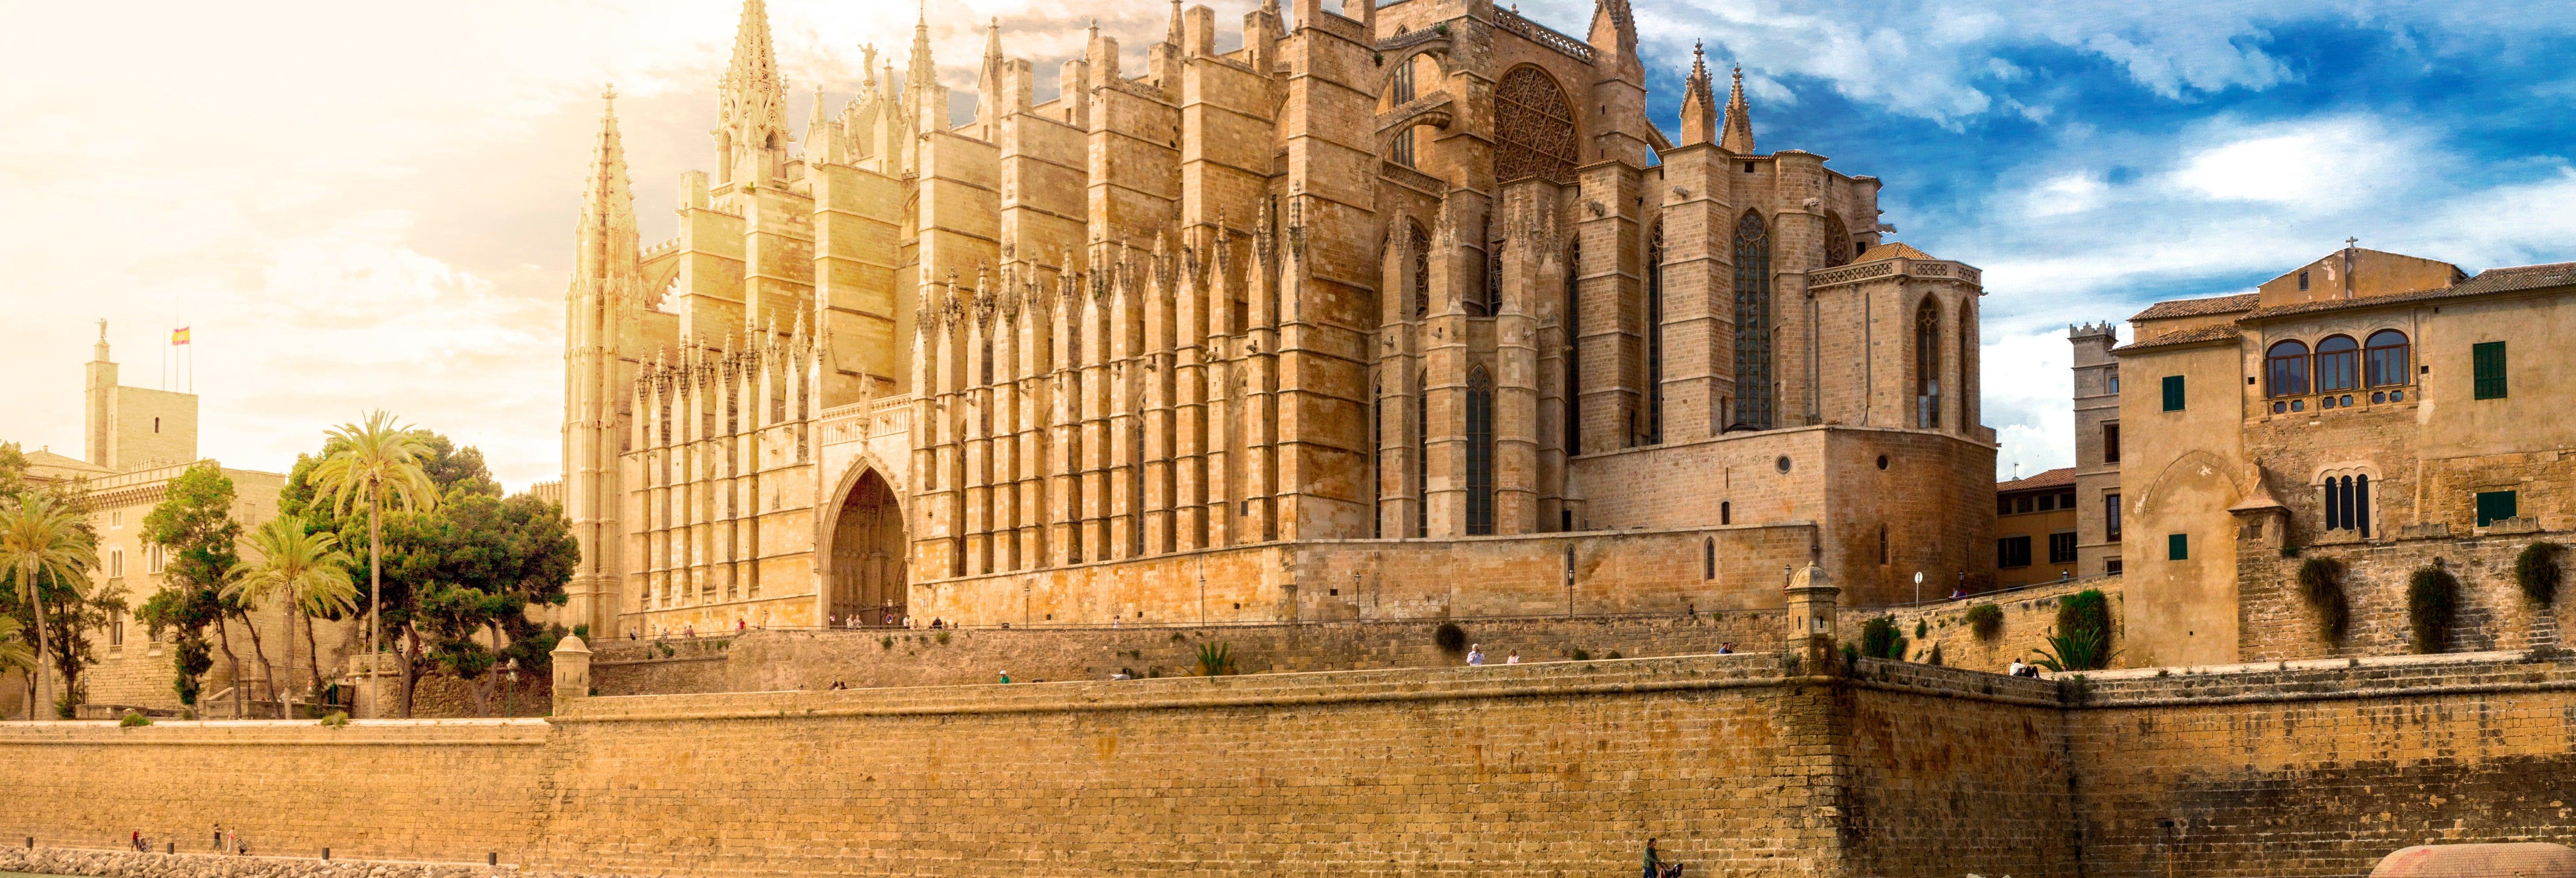 Visita guiada por la catedral de Palma